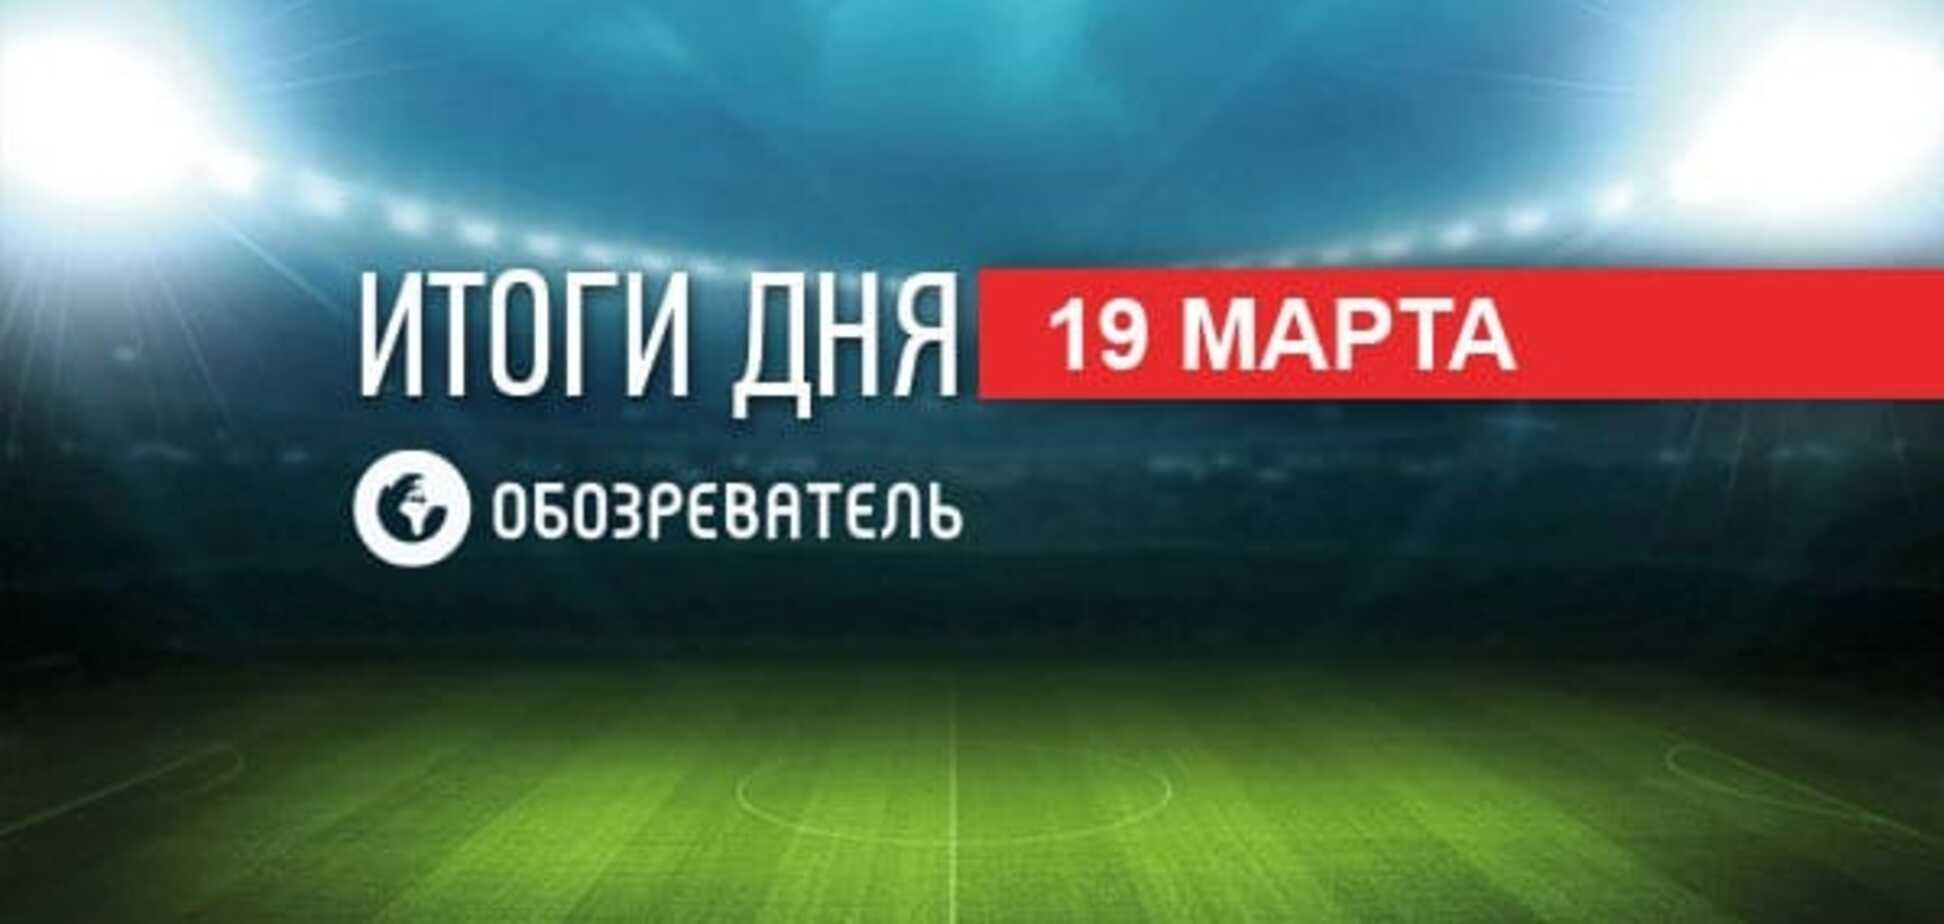 Проблеми у клубів Прем'єр-ліги України. Спортивні підсумки 19 березня